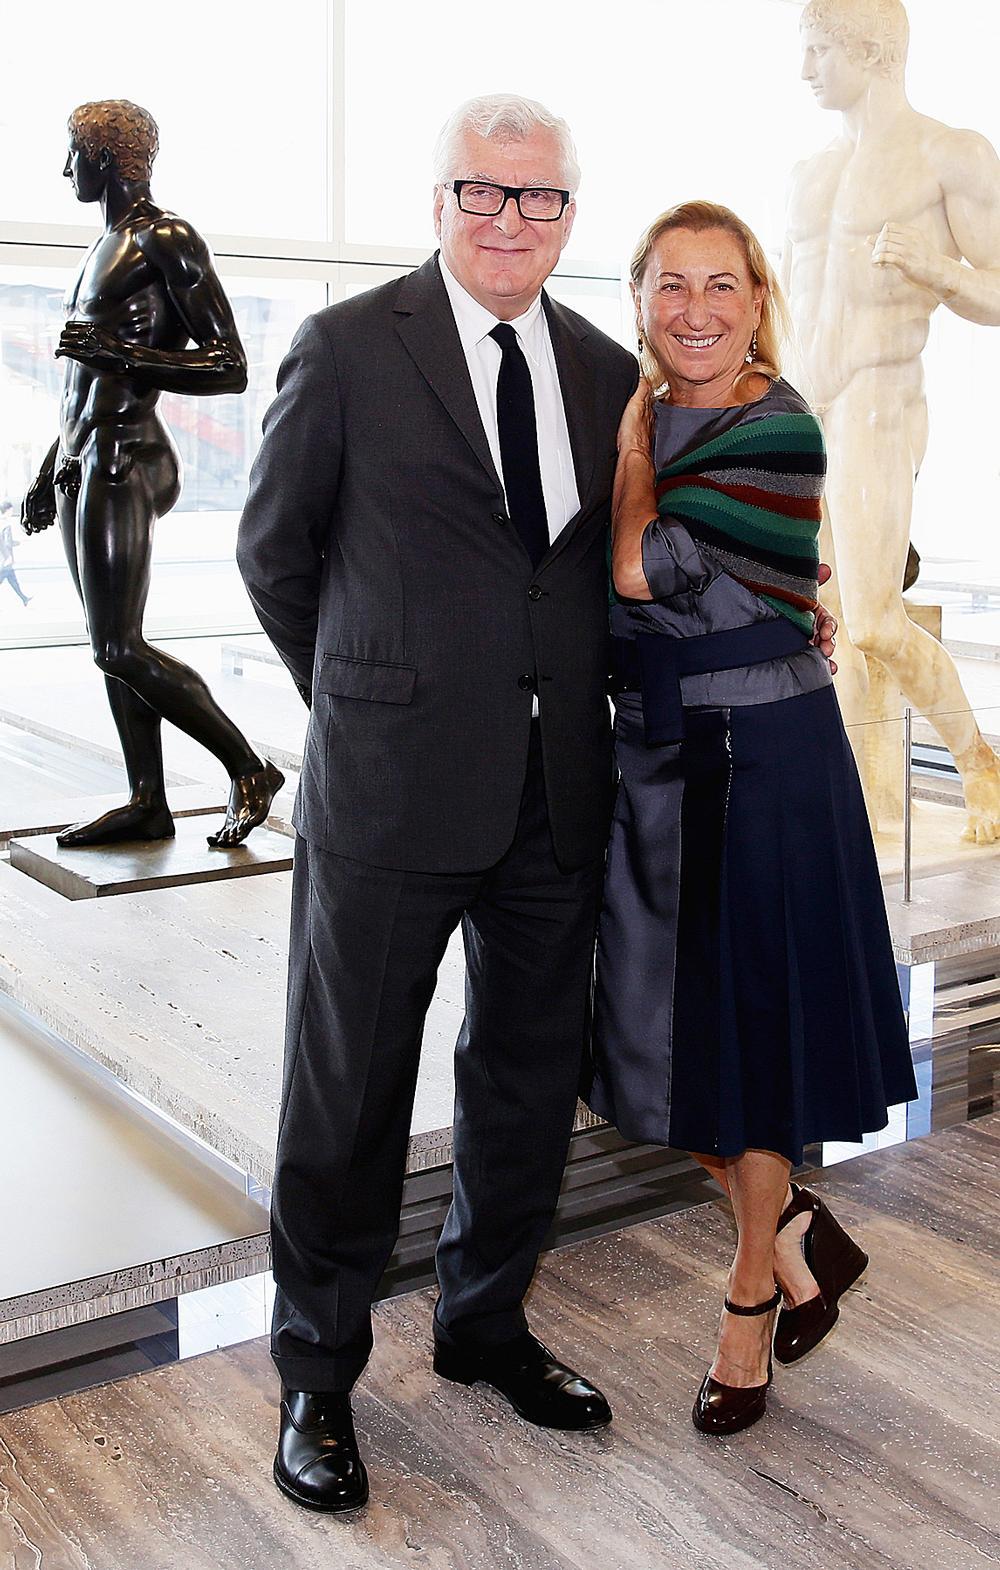 Miuccia Prada with her husband Patrizio Bertelli, CEO of Prada. Miuccia is co-CEO of Prada / Attilio Maranzano courtesy of Fondazione Prada